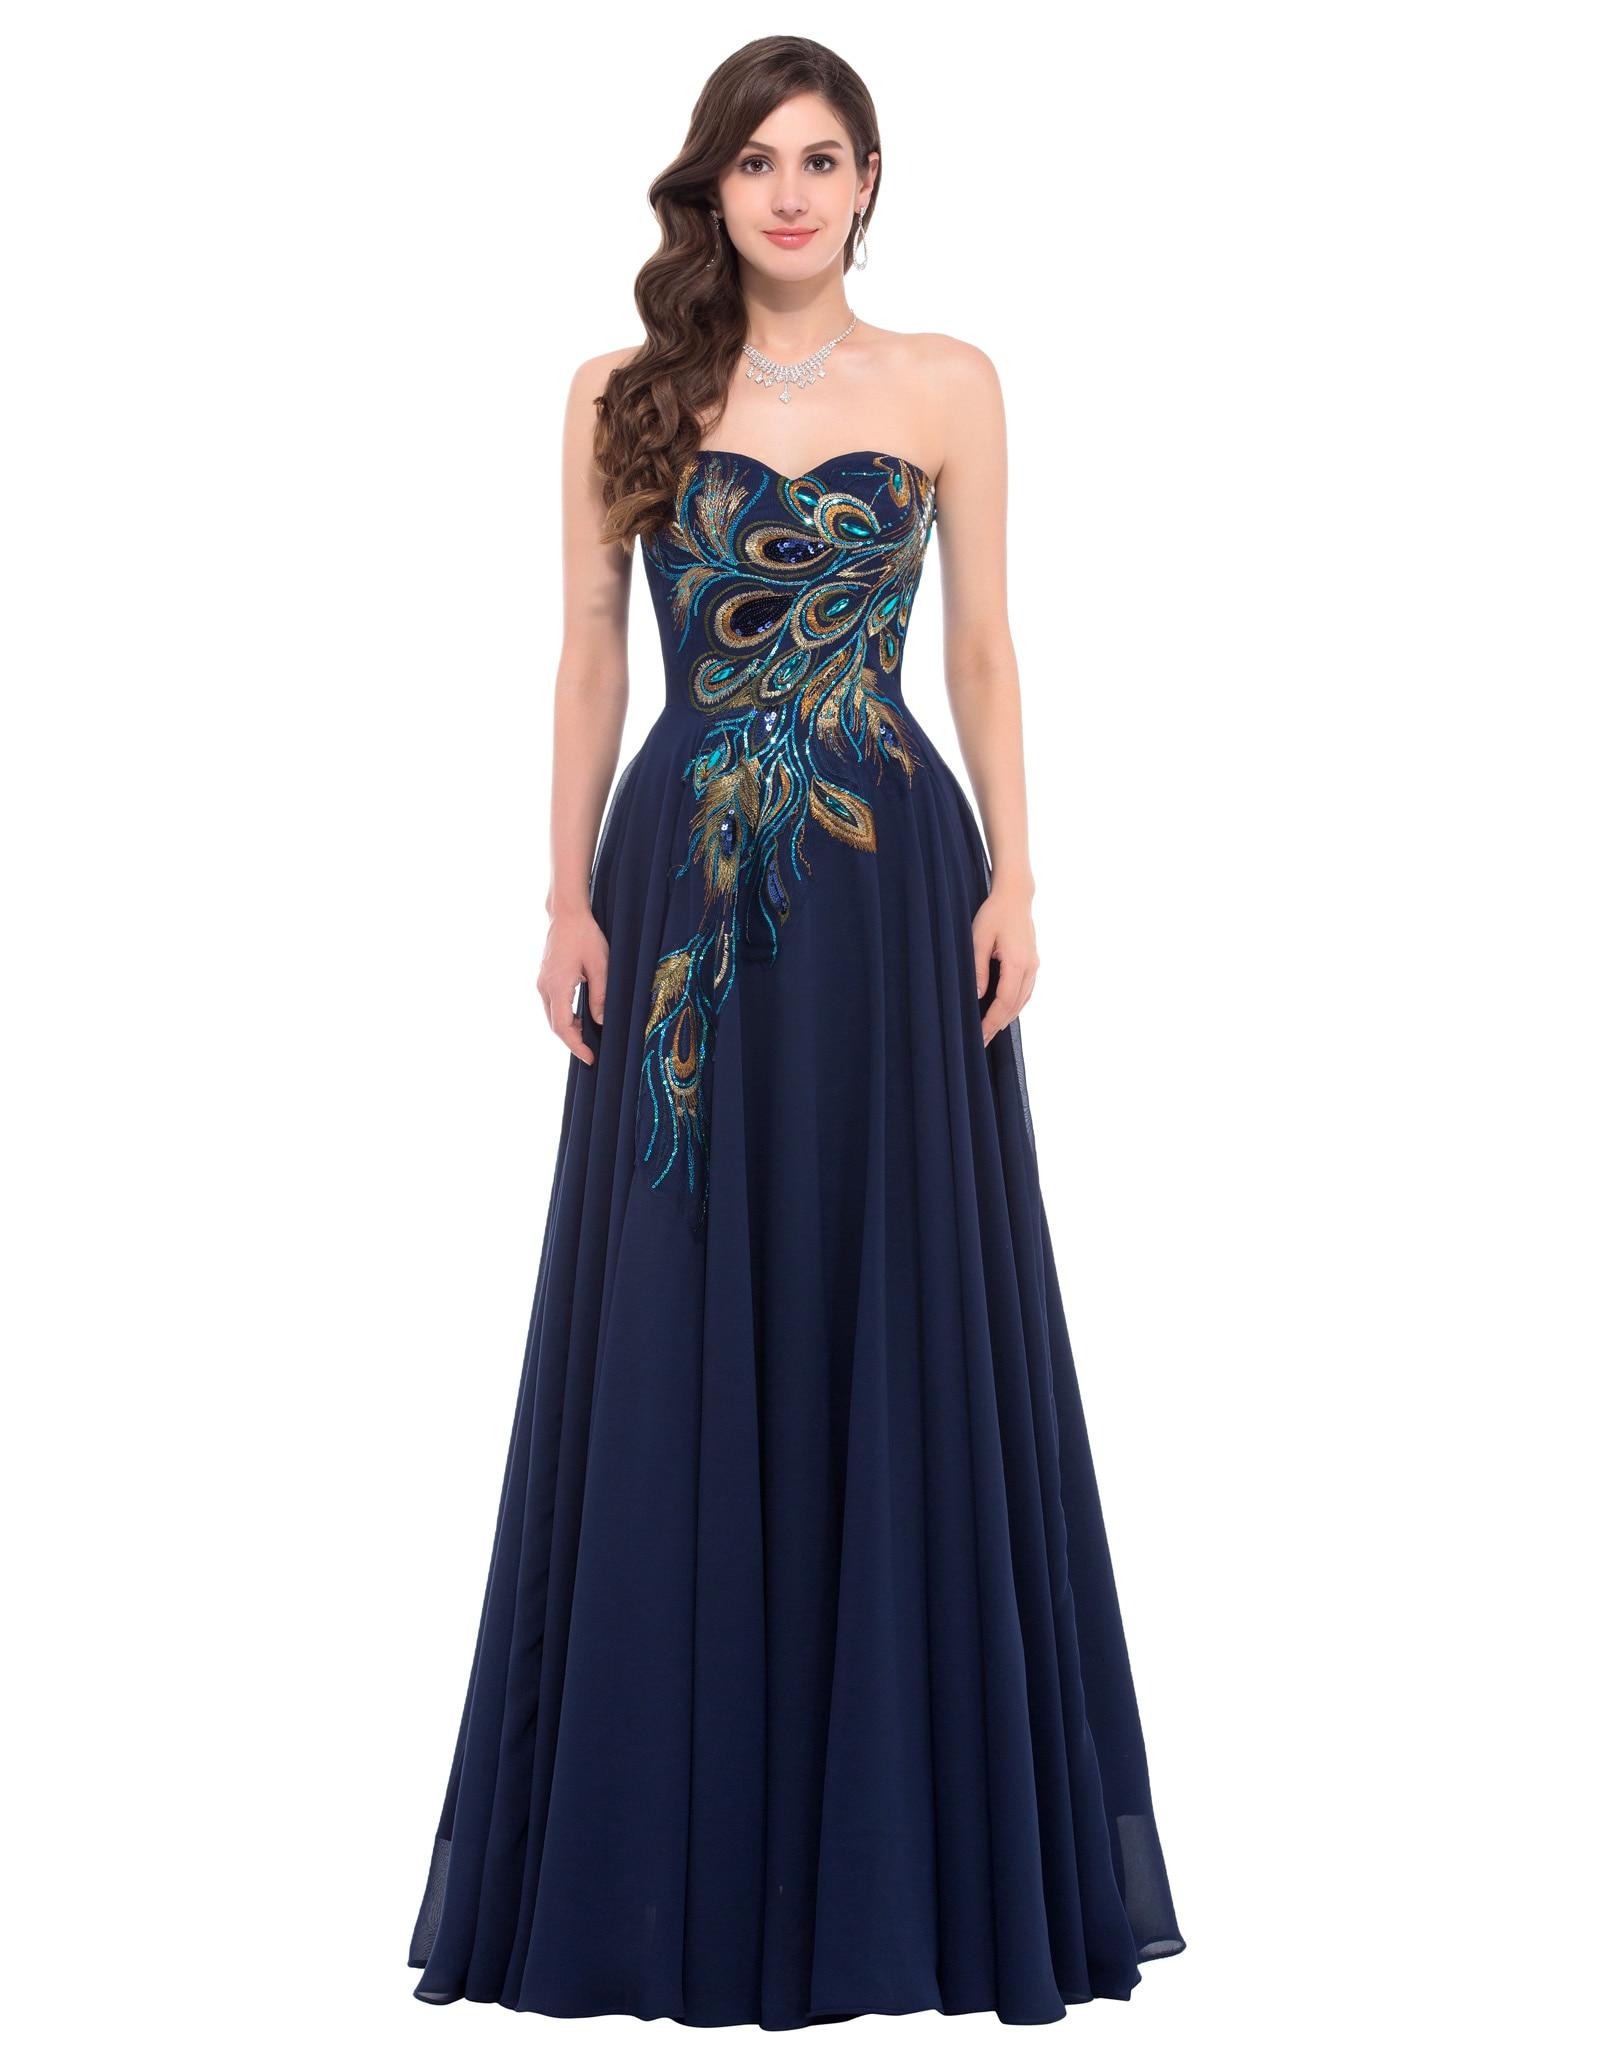 GK длинное платье, женское Элегантное летнее платье без бретелек, сатин и шифон, стиль знаменитостей, а-силуэт, со шнуровкой сзади, вечернее п...